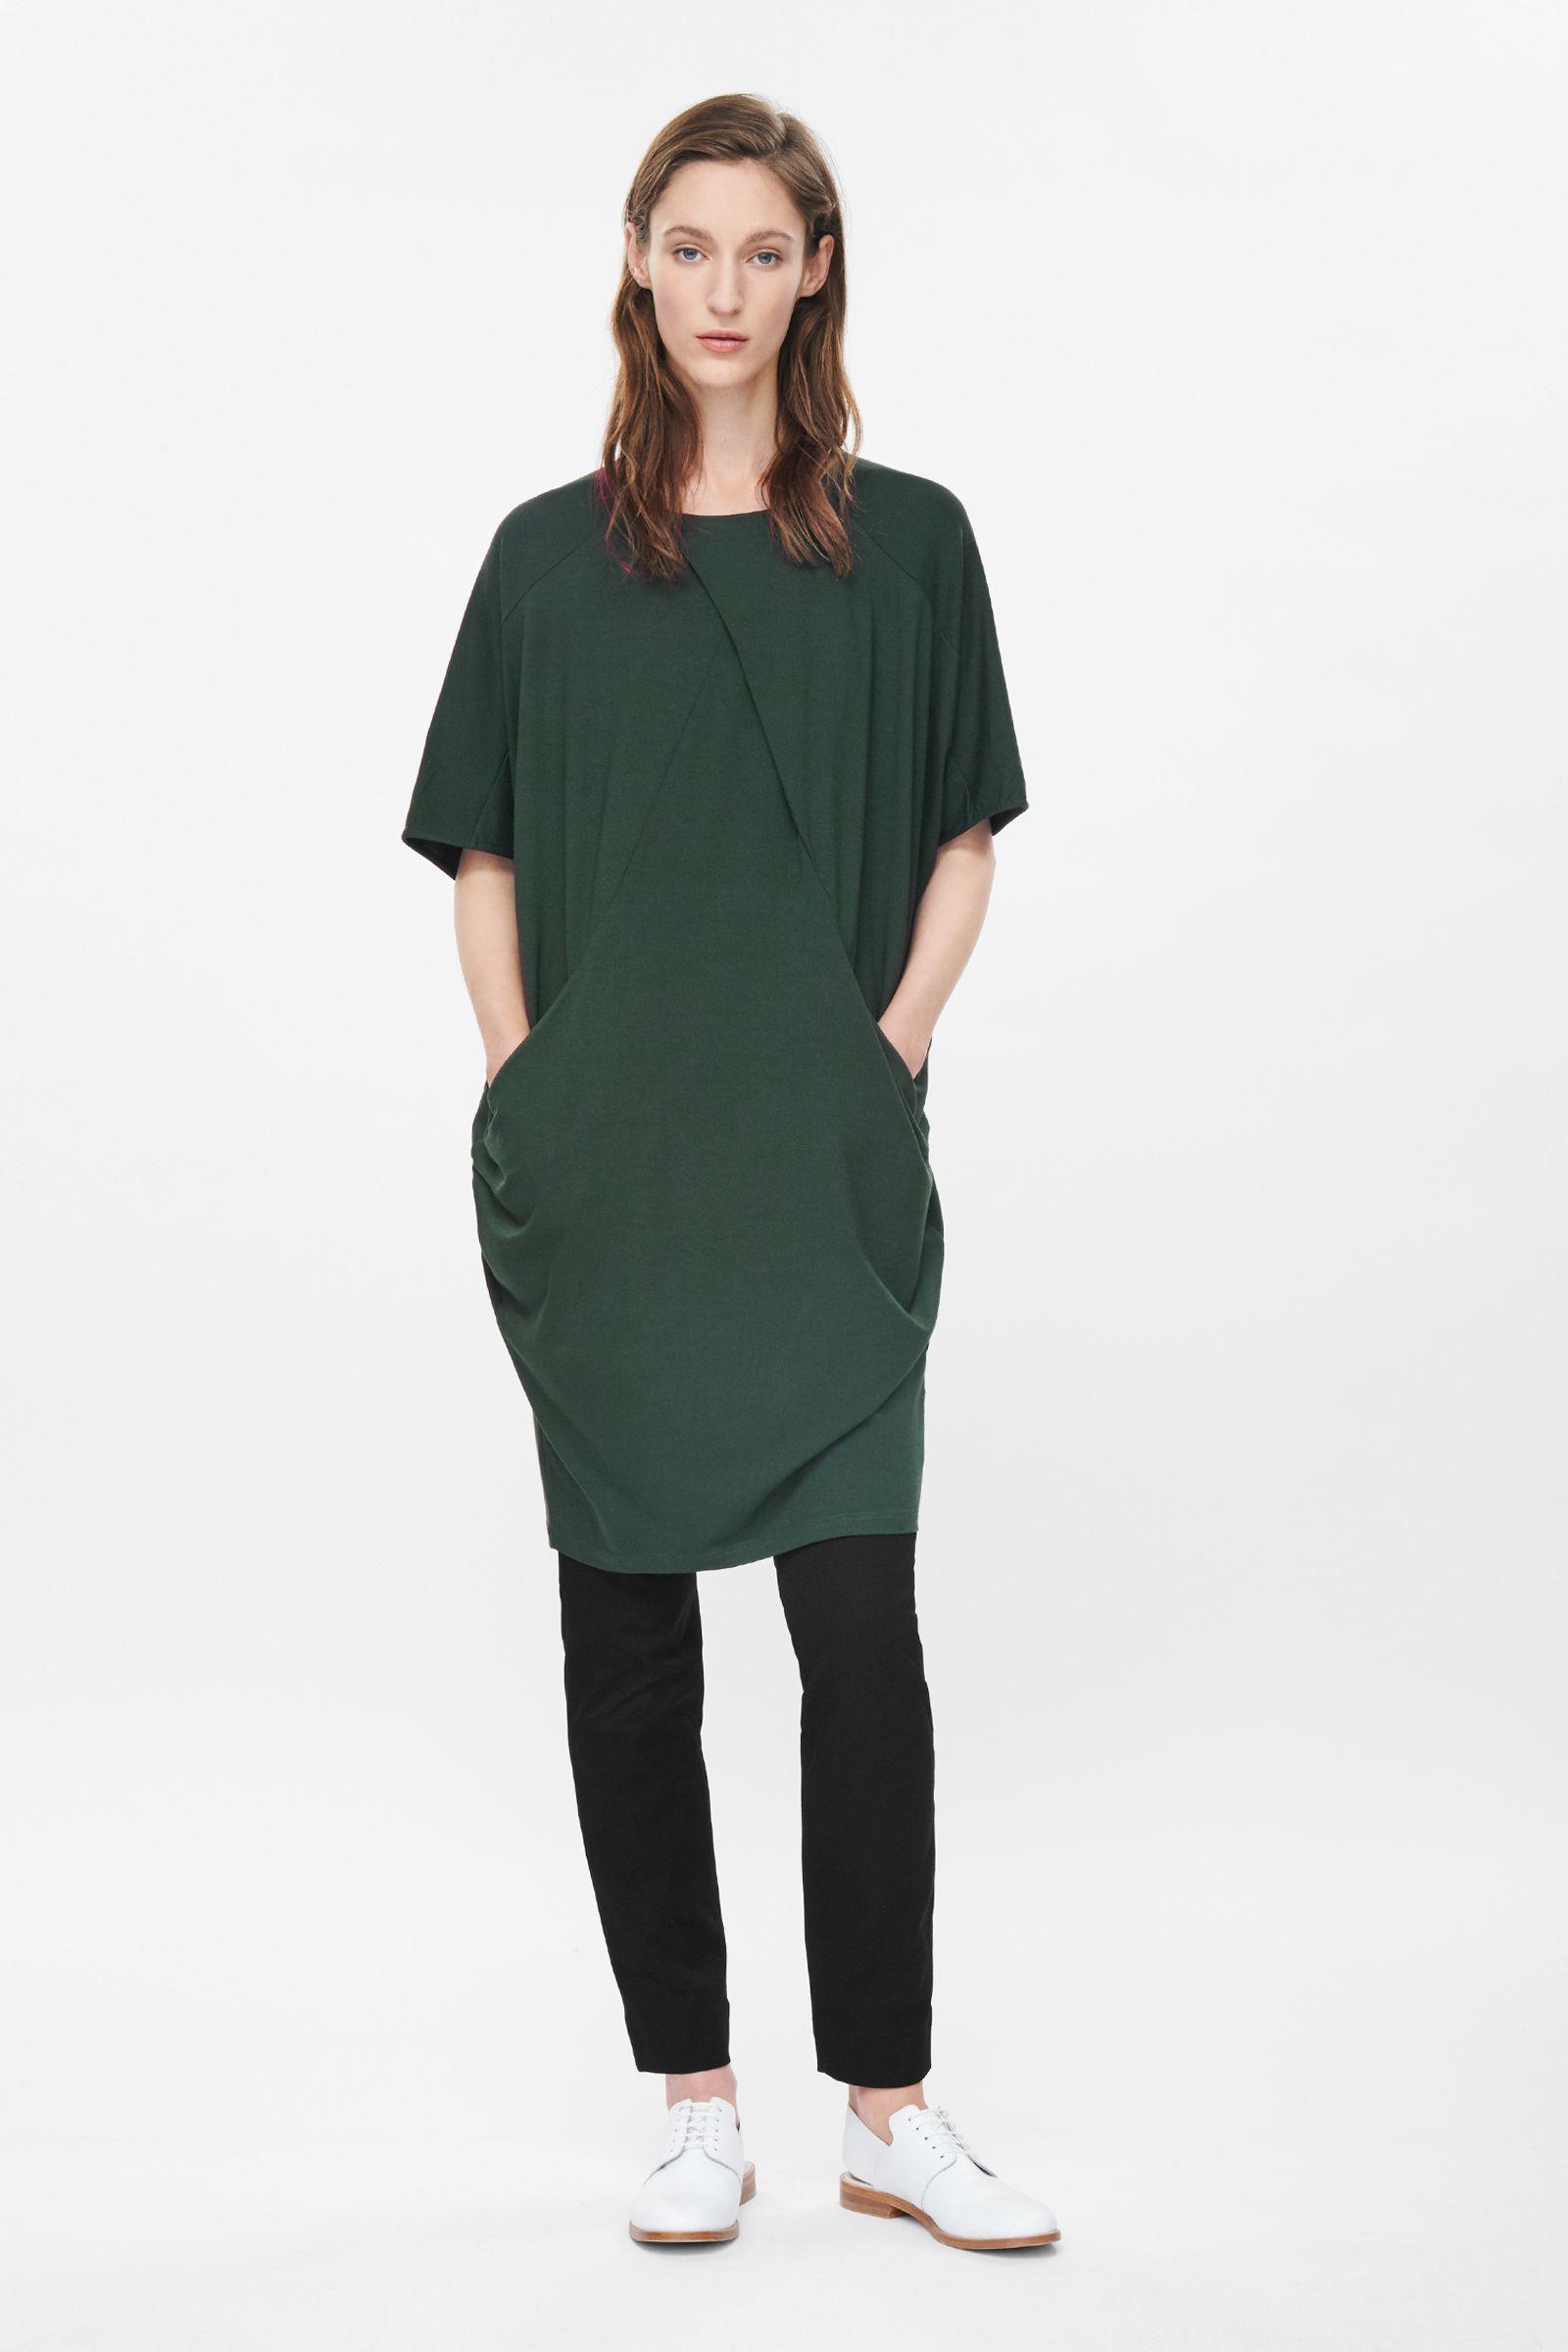 20_Vestito Cos, oversized e con ampie tasche laterali. In jersy (59 € sullo store online)